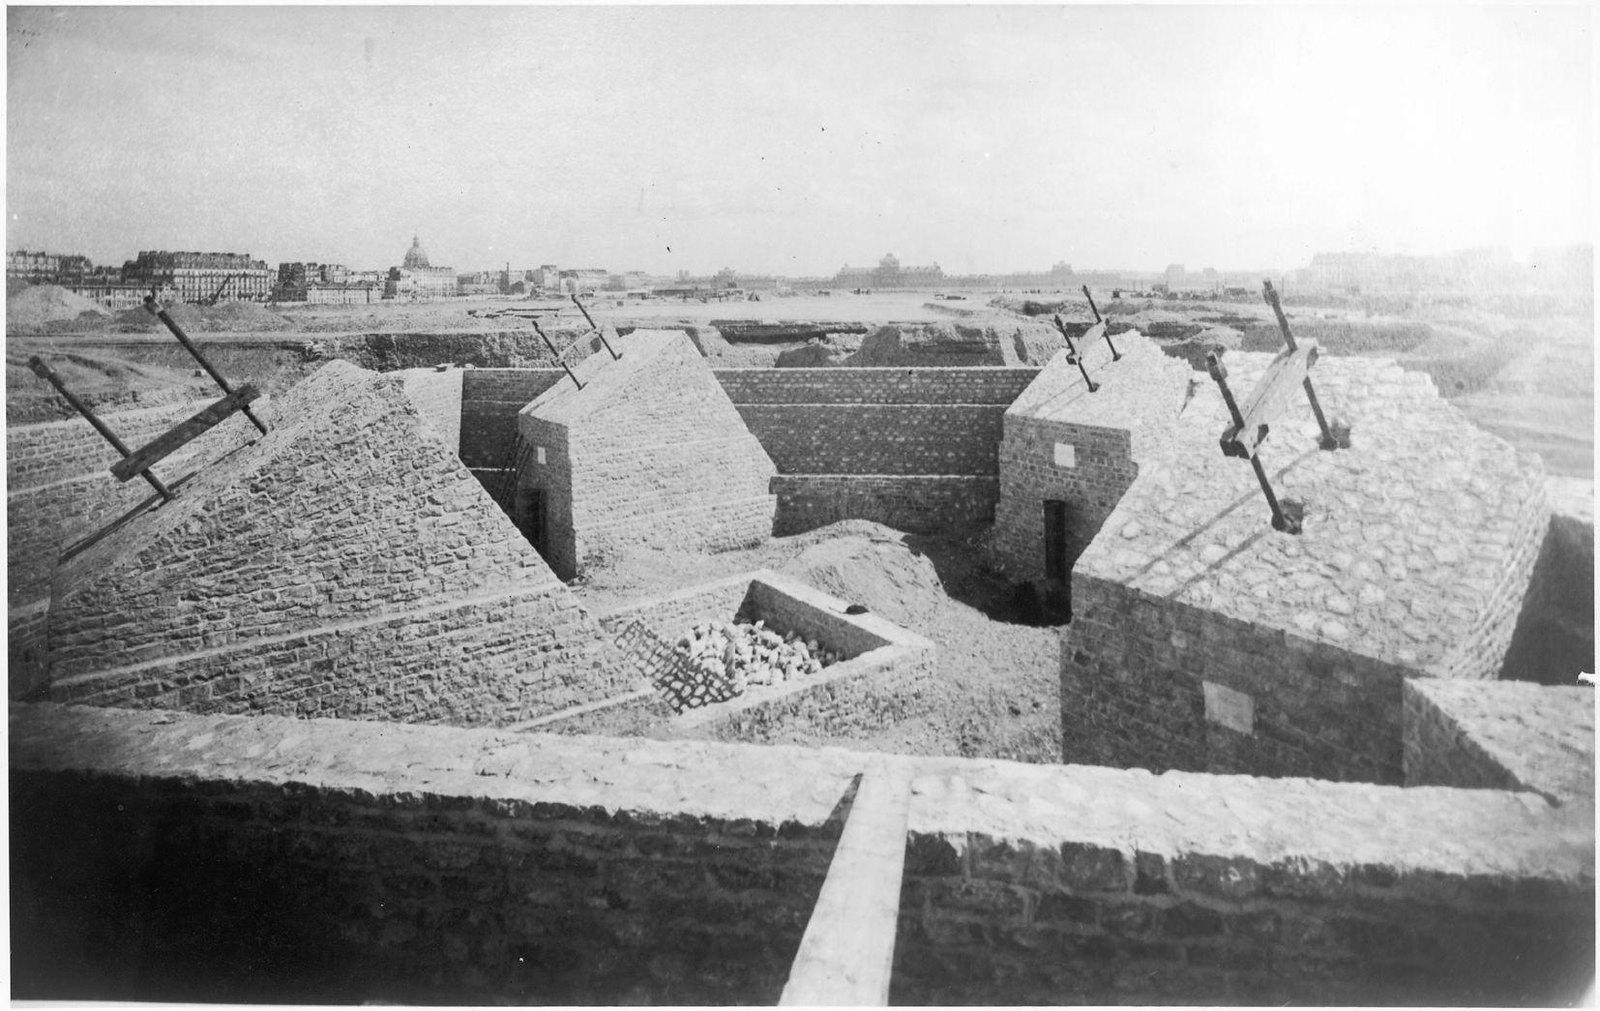 04. 1887. 20 апреля. Основание Эйфелевой башни. 4 гигантских кессона, поддерживающих остальную часть конструкции,